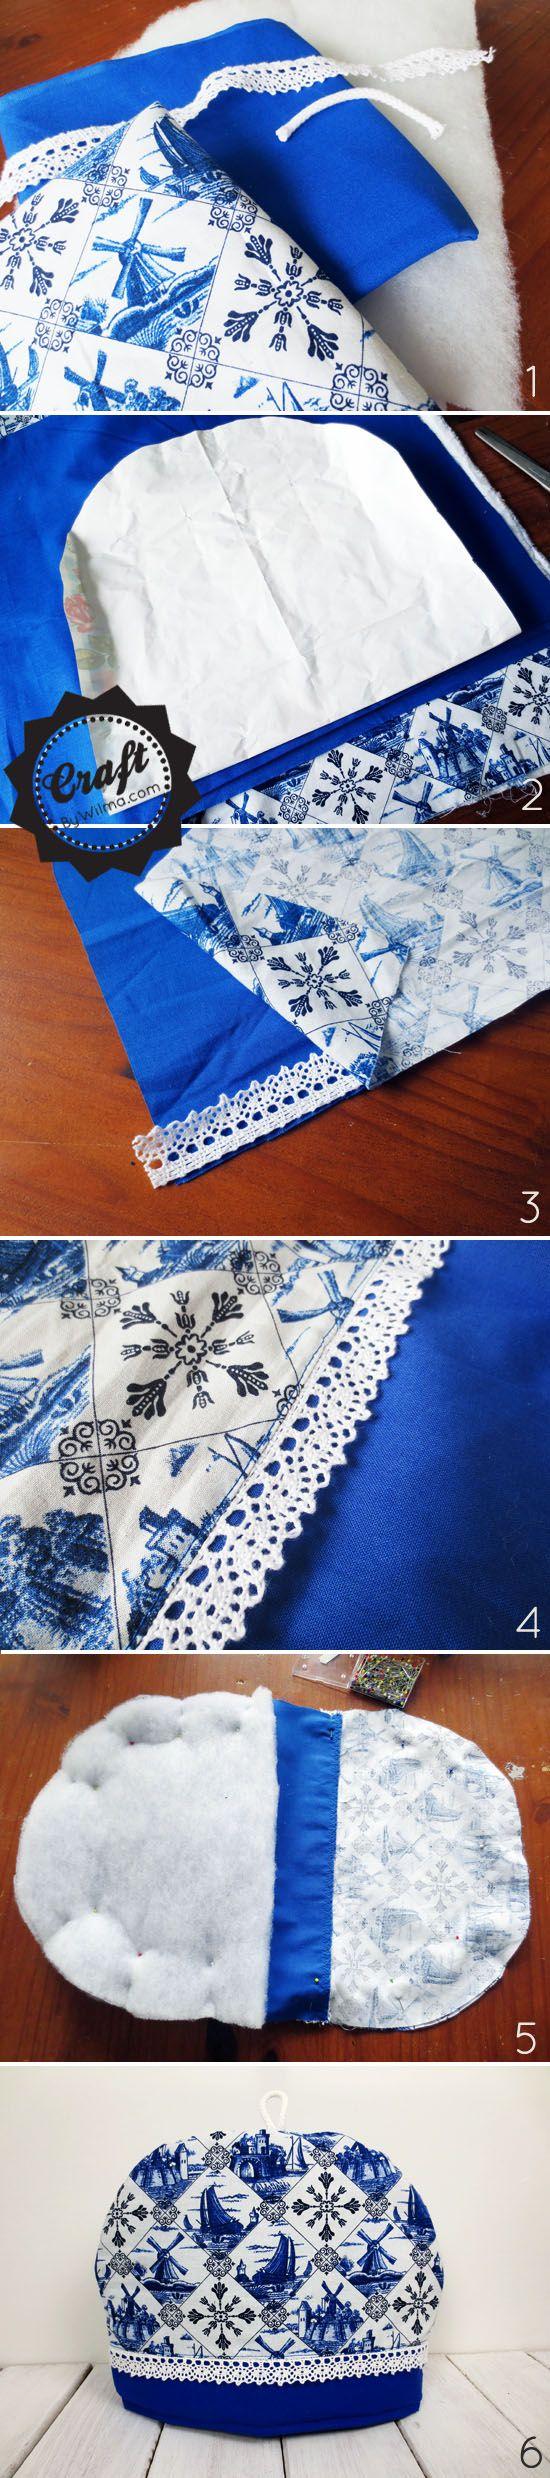 DIY - How to make a simple tea cozy #tea #diy #cozy | sewing ...